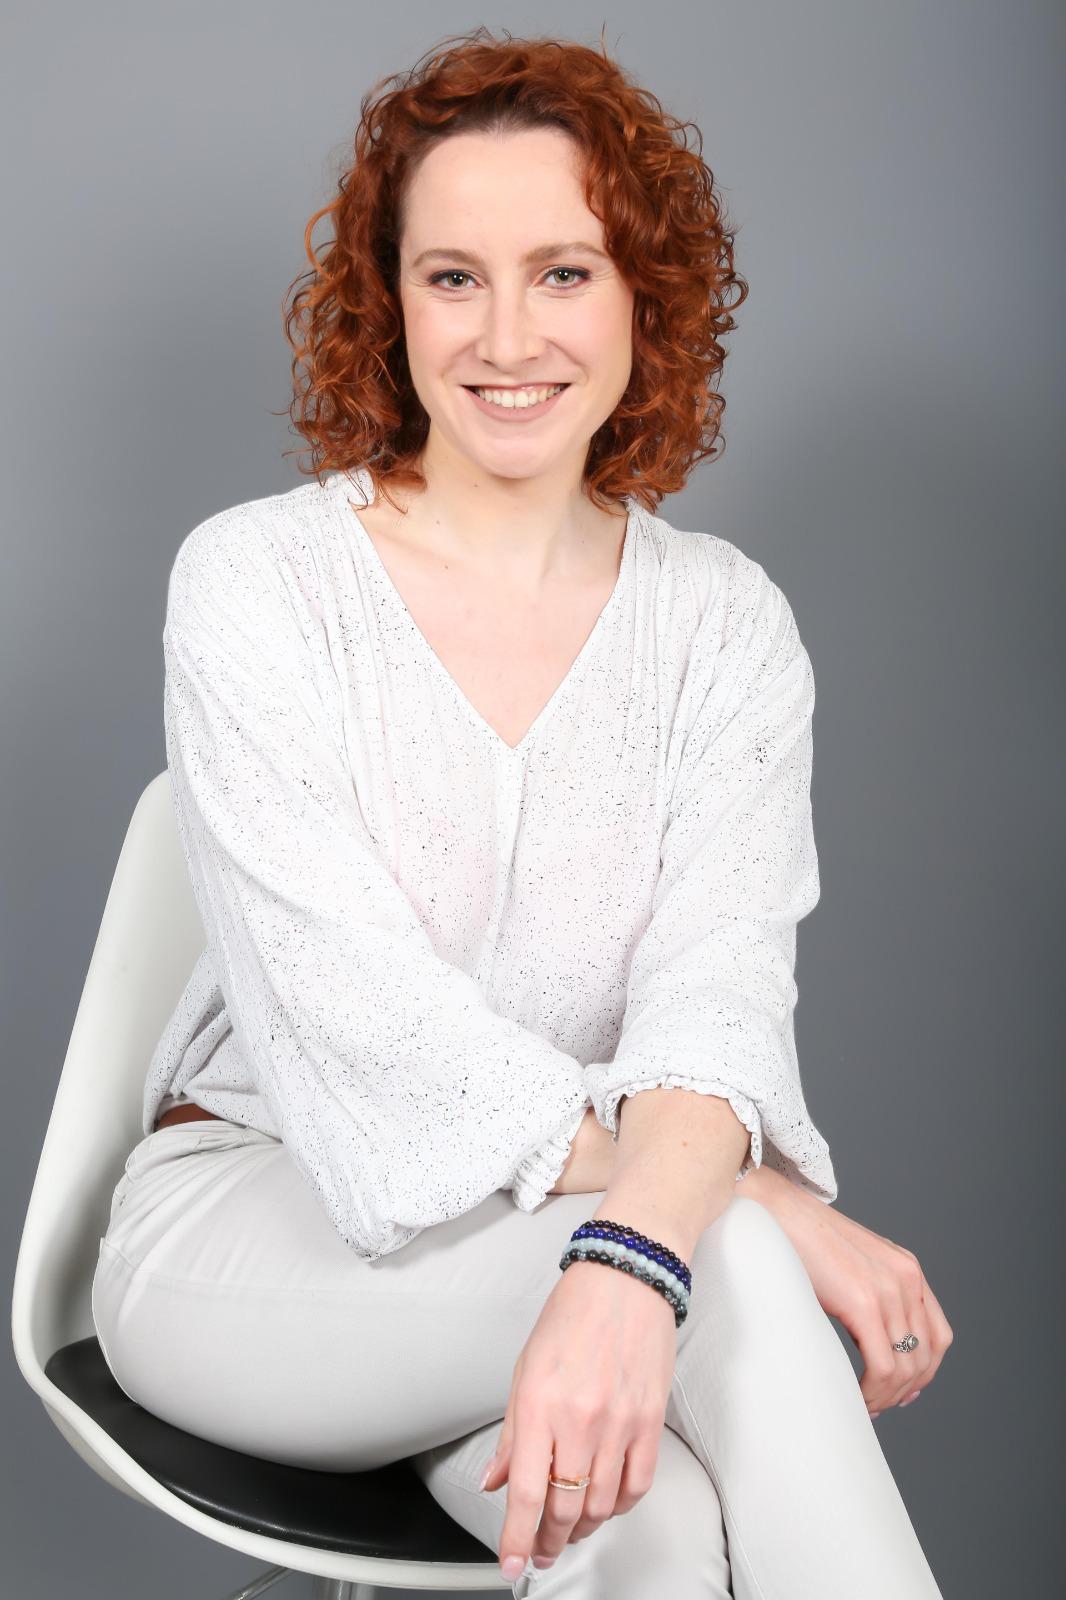 Emanuelle Durieux